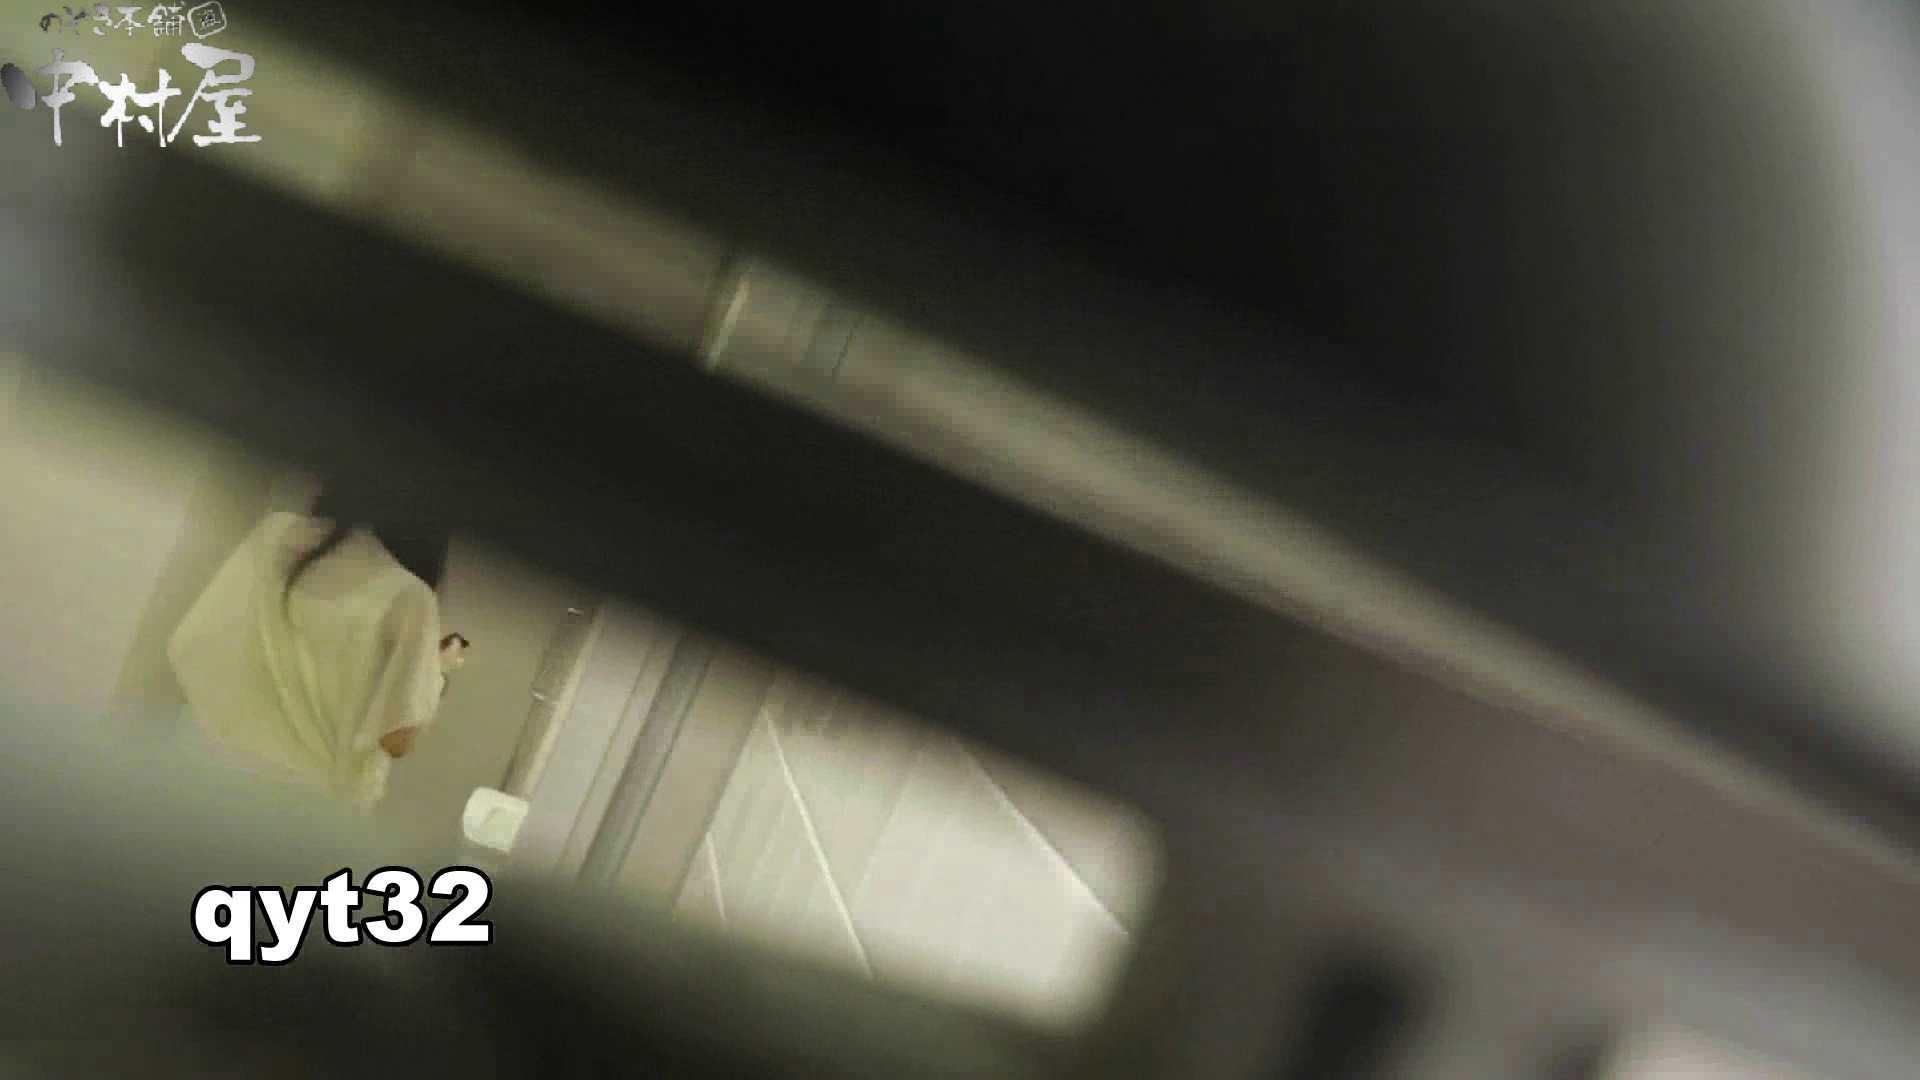 ハメ撮り お銀さんの「洗面所突入レポート!!」】お銀さんの「洗面所突入レポート!!」 vol.32 執念 のぞき本舗 中村屋